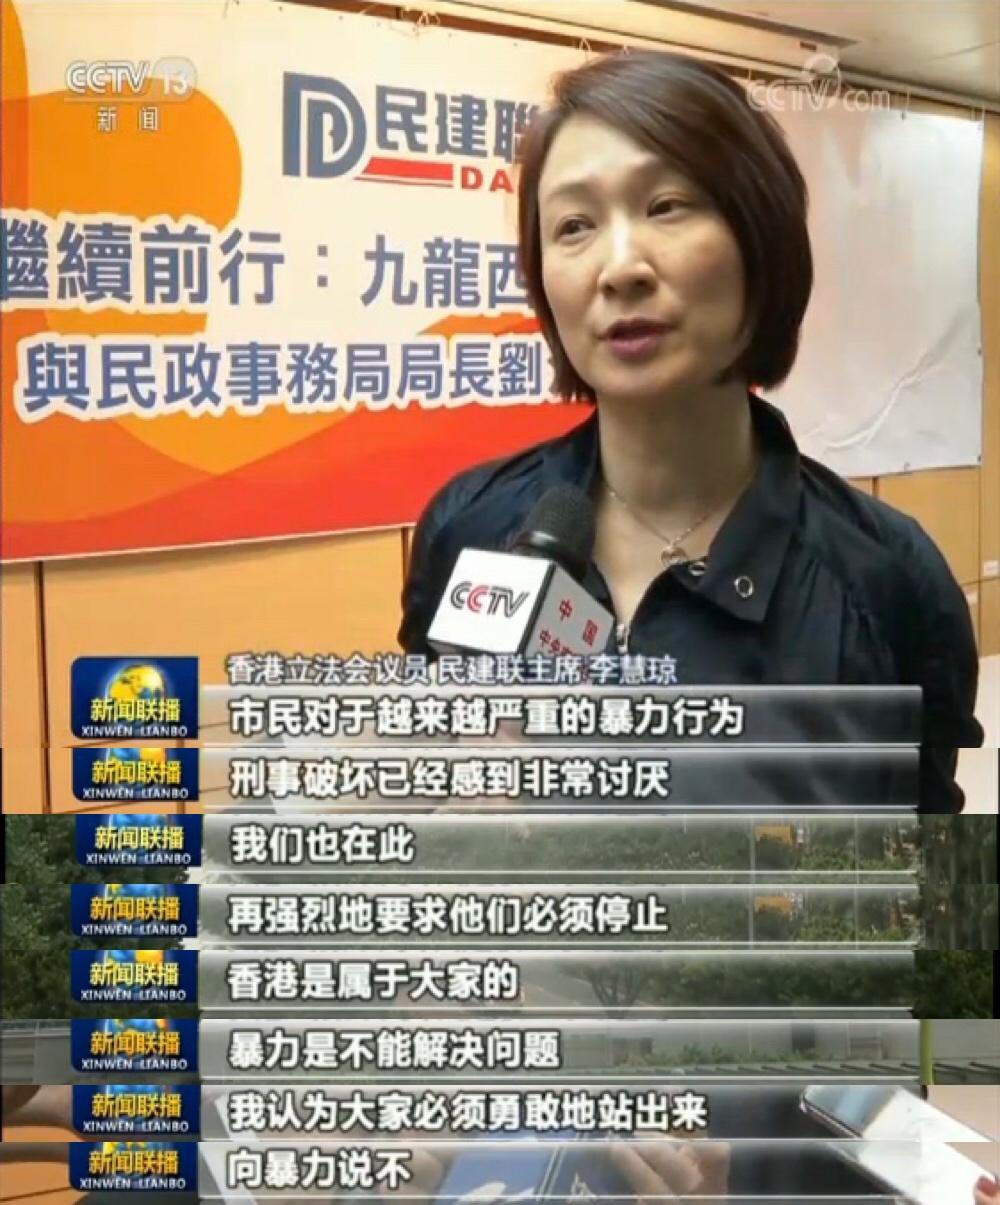 香港各界谴责暴力行径 呼吁恢复秩序 - 资讯 - 海外网